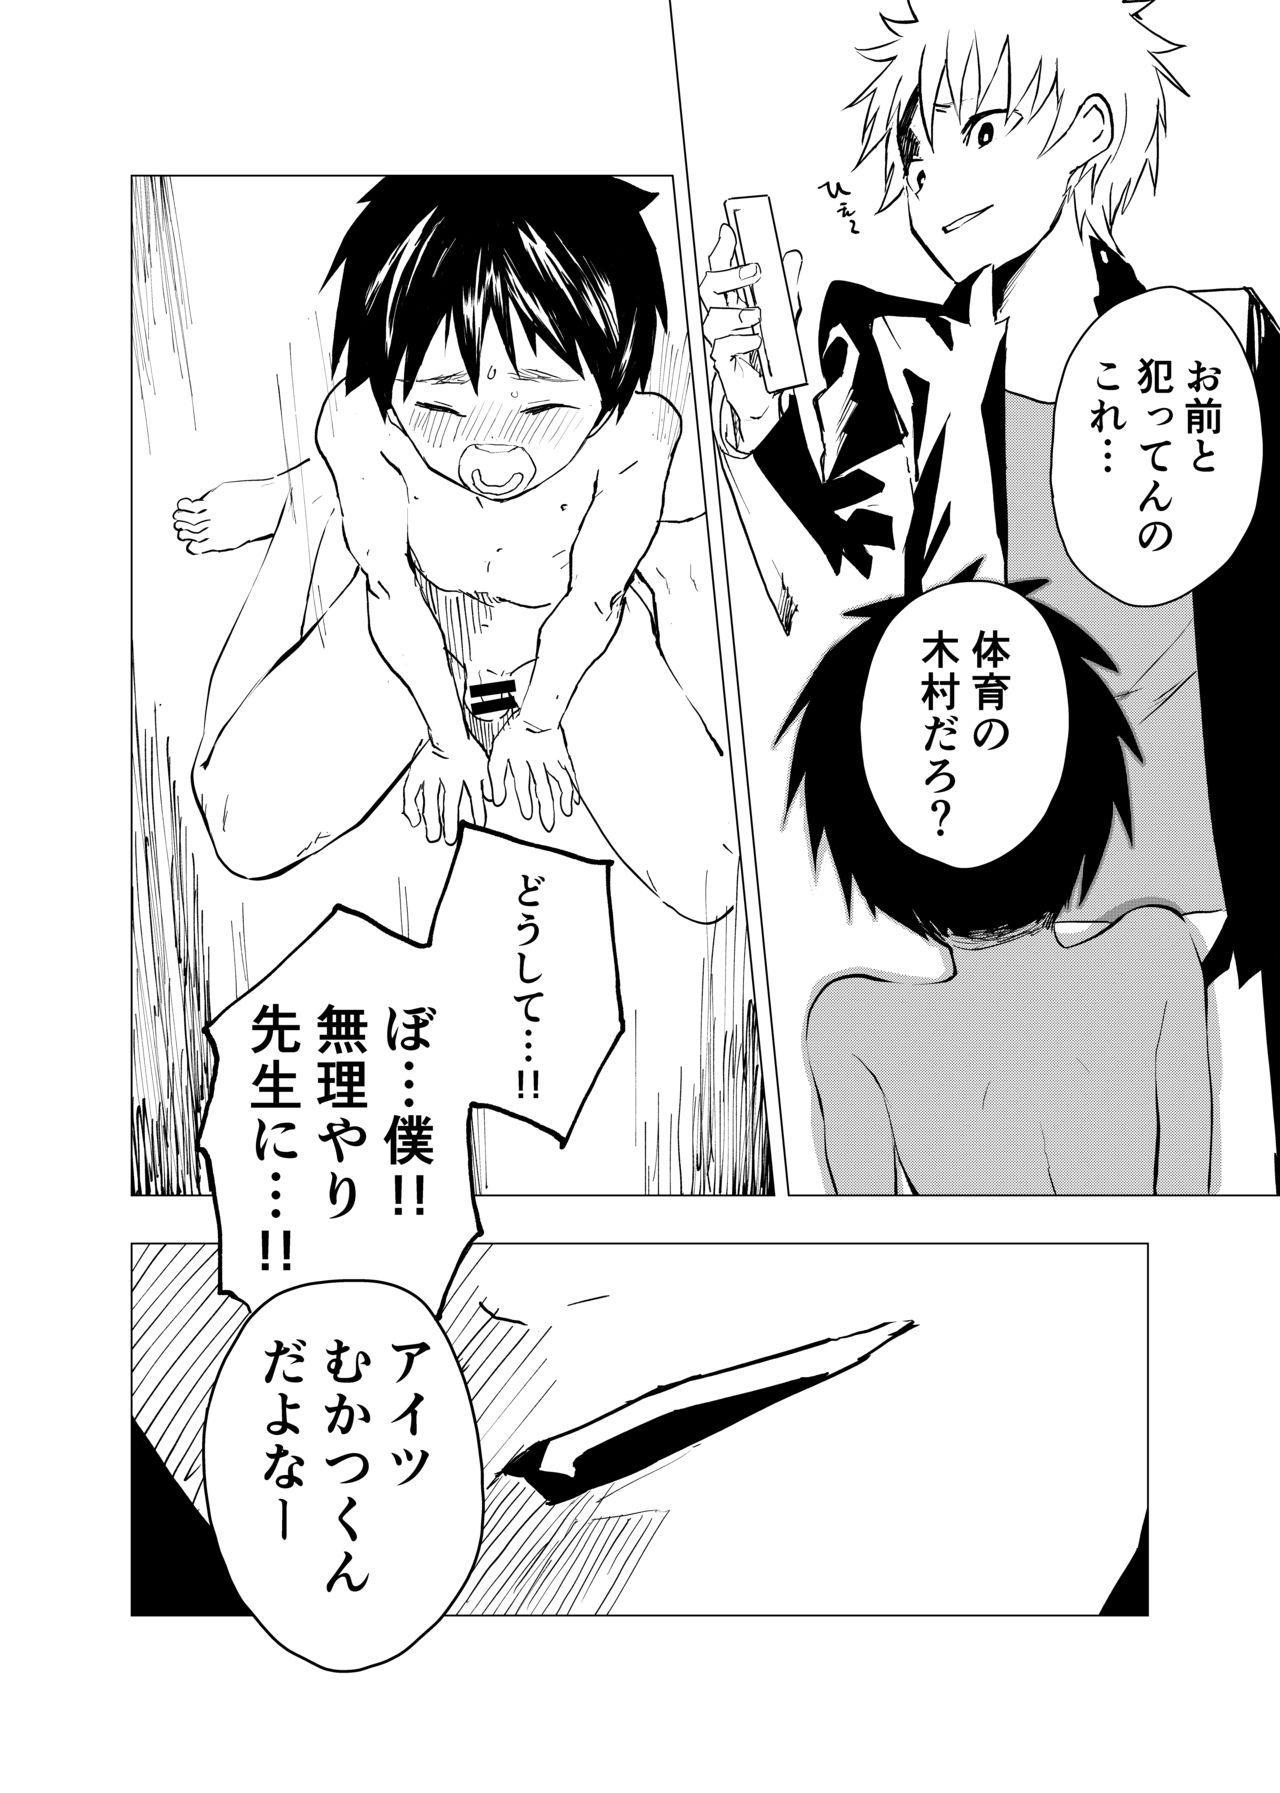 Ibasho ga Nainode Kami-machi Shite Mita Suterareta Shounen no Eromanga 13